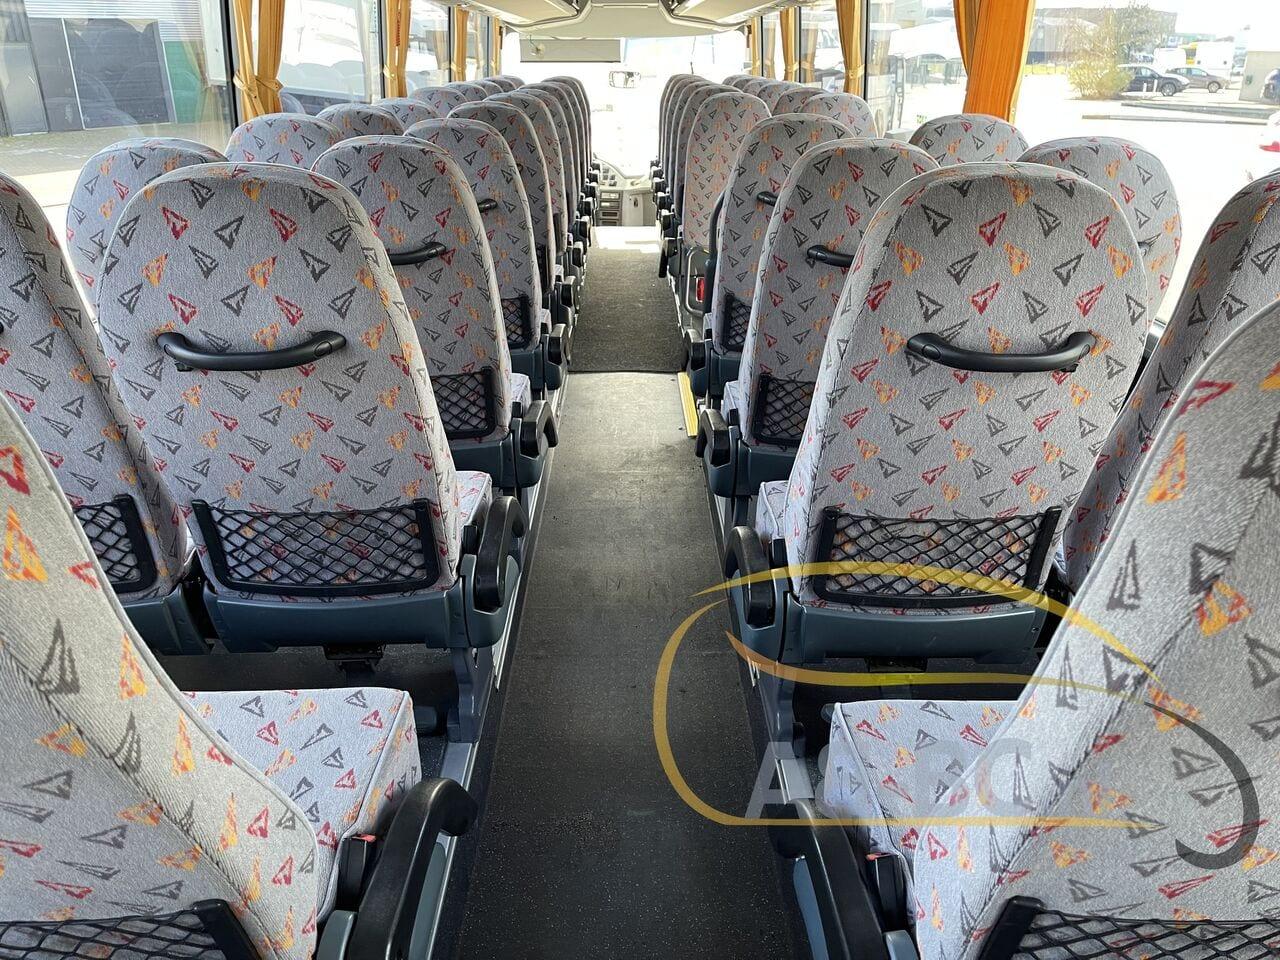 coach-busTEMSA-Safari-RD-53-Seats-DAF-Motor-12-mtr---1616166820706594093_big_8cfaea2fa24ffa7167b89e38796e53d2--21031917053743807500